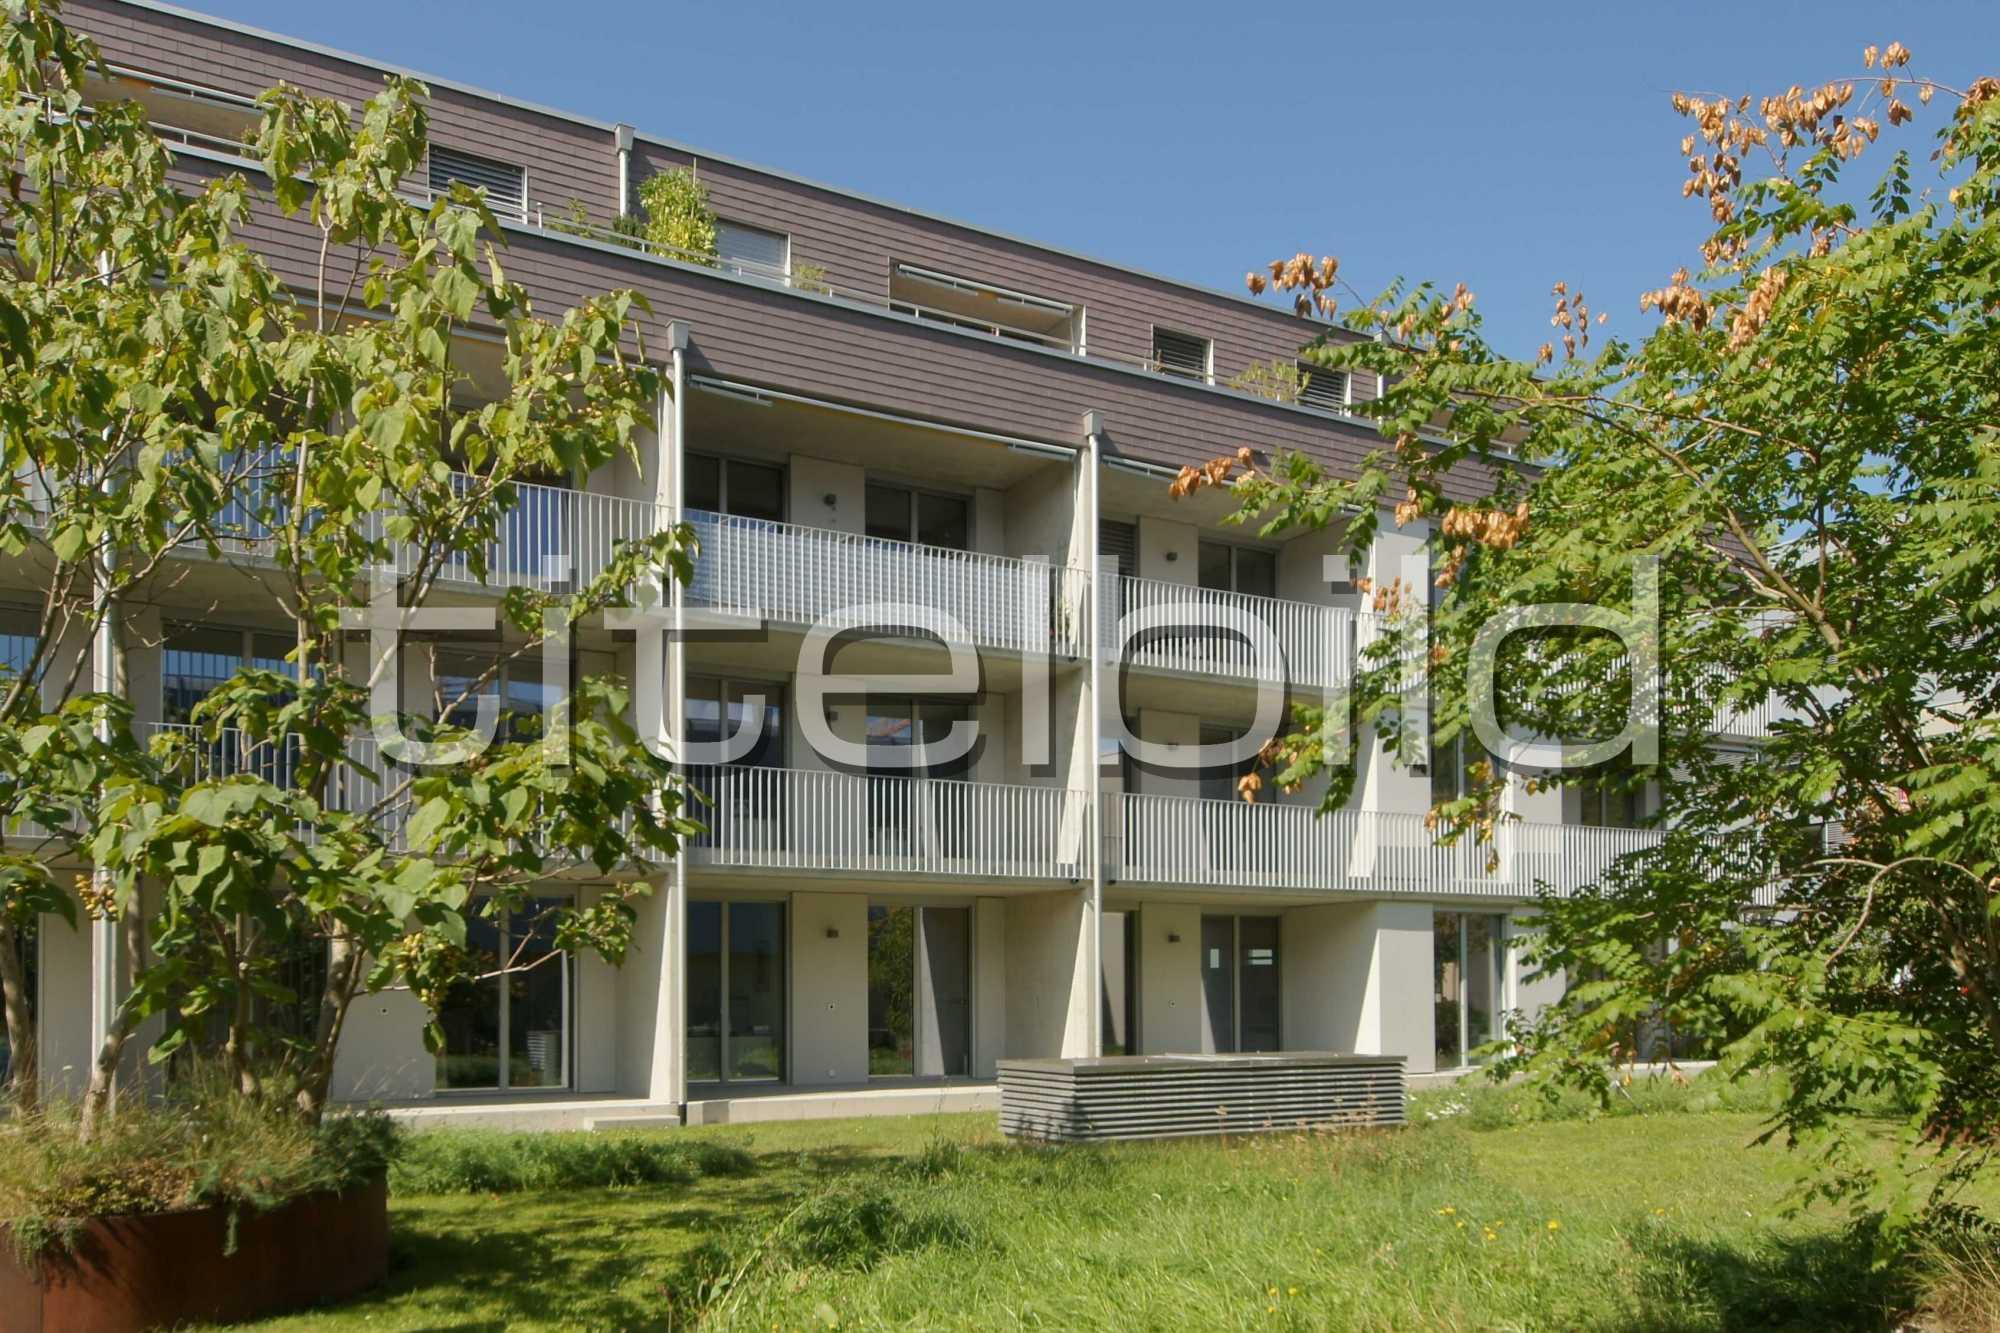 Projektbild-Nr. 4: Büro- und Wohnhaus Mühlimatt